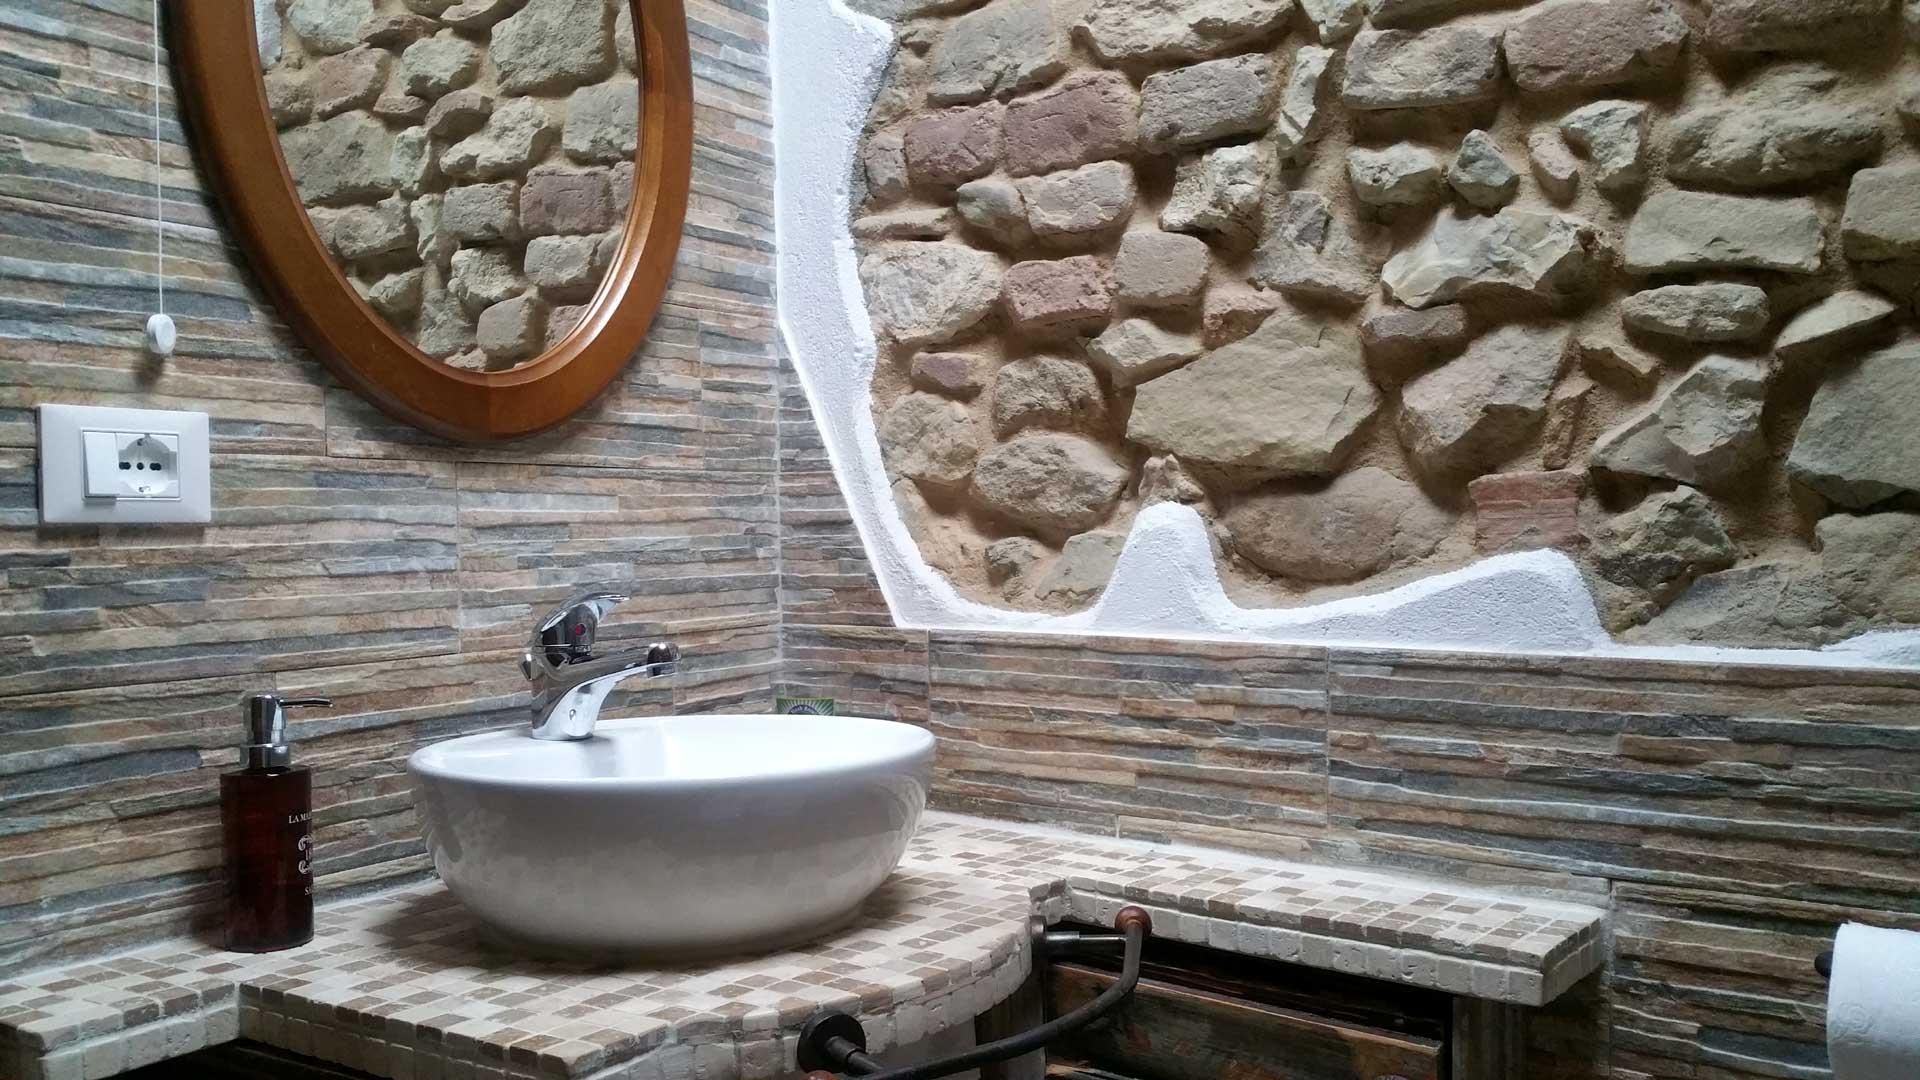 Bagno camera 900 specchio lavandino B&B & Meditation Center Zorba il Buddha Passerano Marmorito Asti